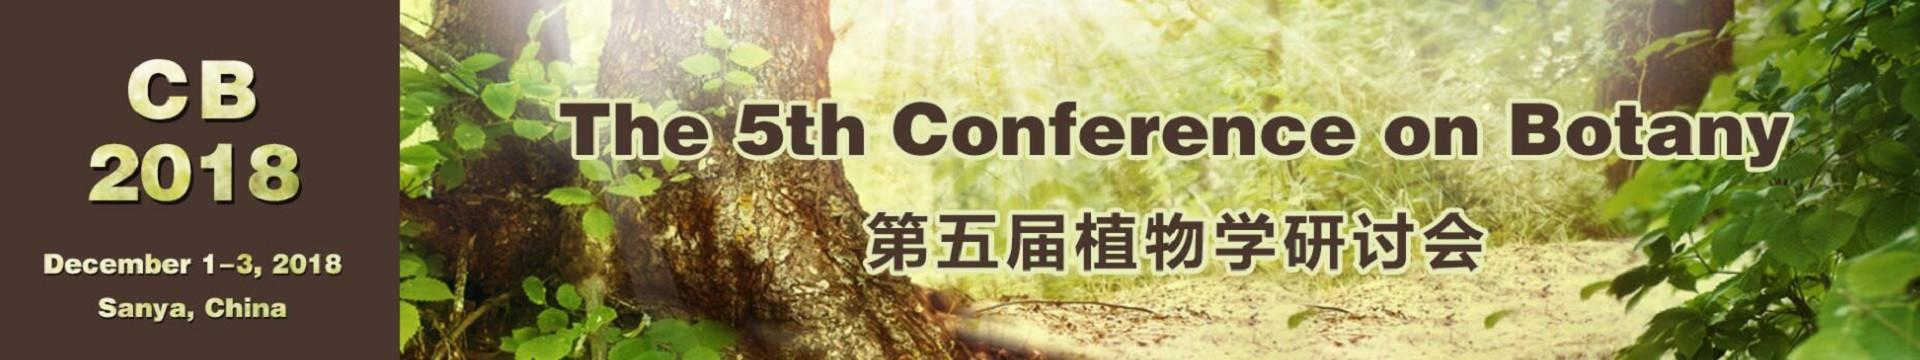 第五届植物学研讨会(CB 2018)